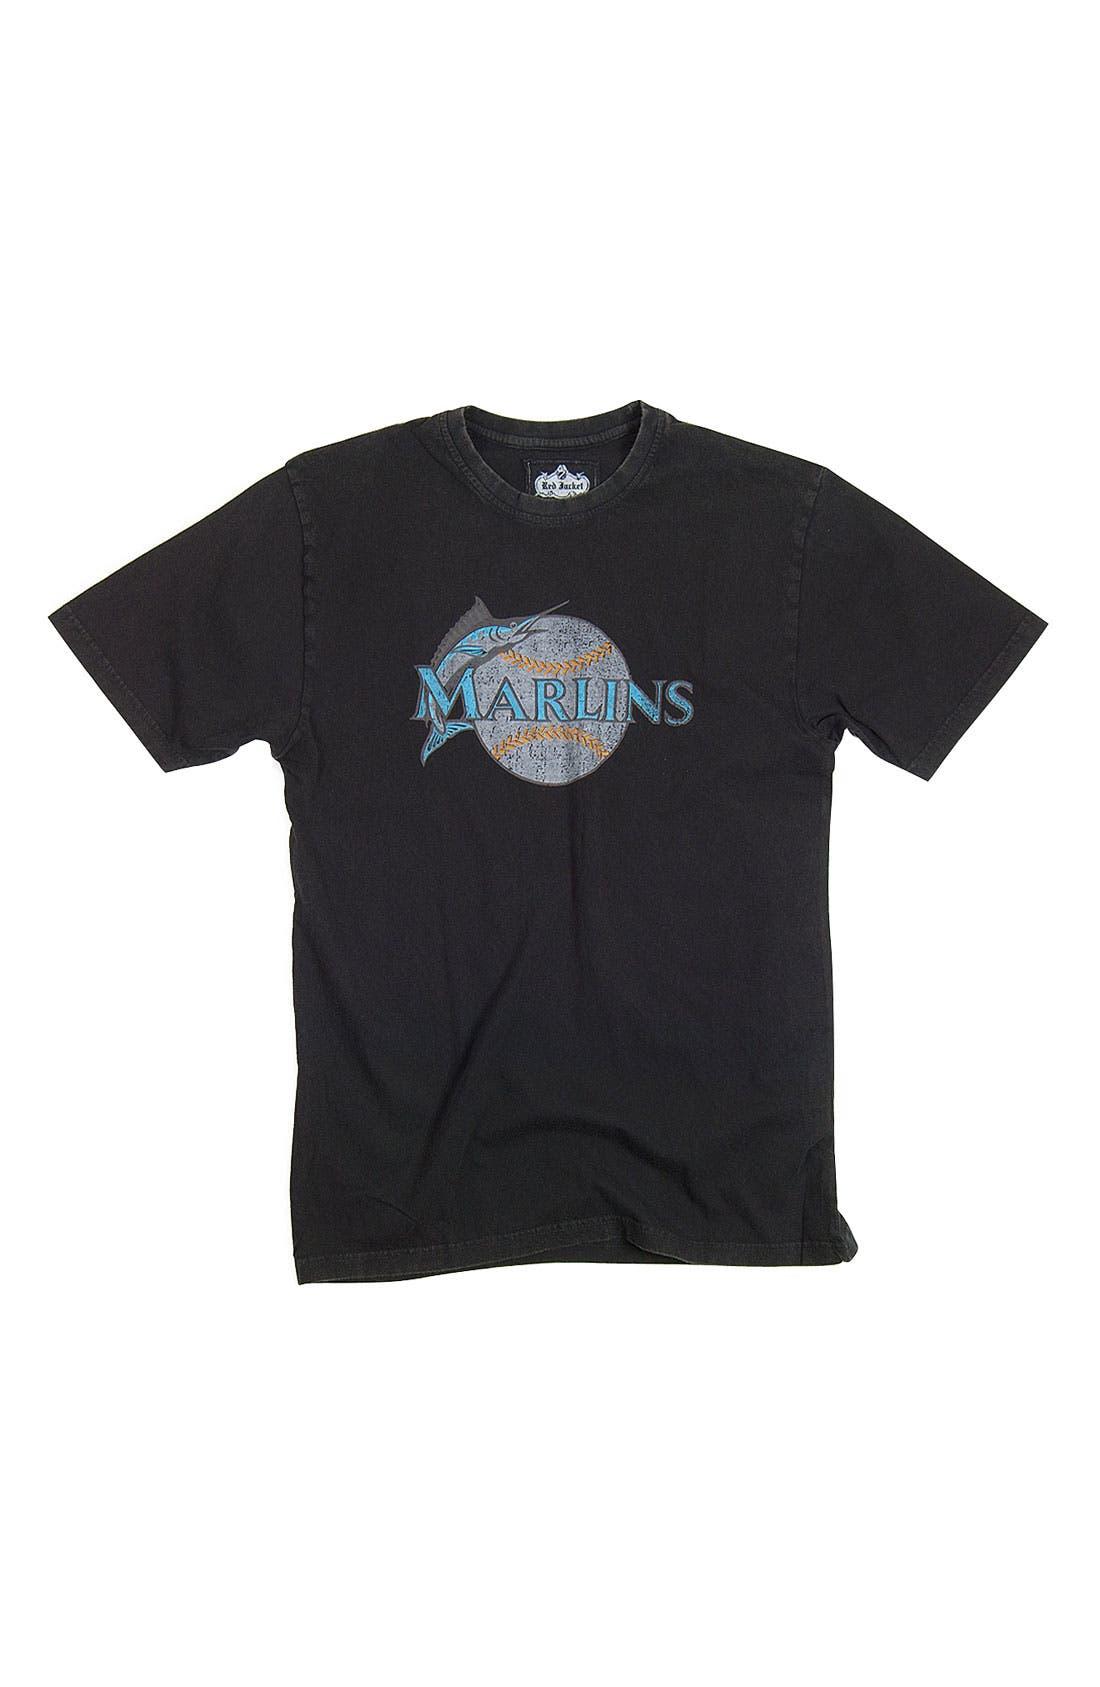 Alternate Image 1 Selected - Red Jacket 'Florida Marlins' Trim Fit T-Shirt (Men)